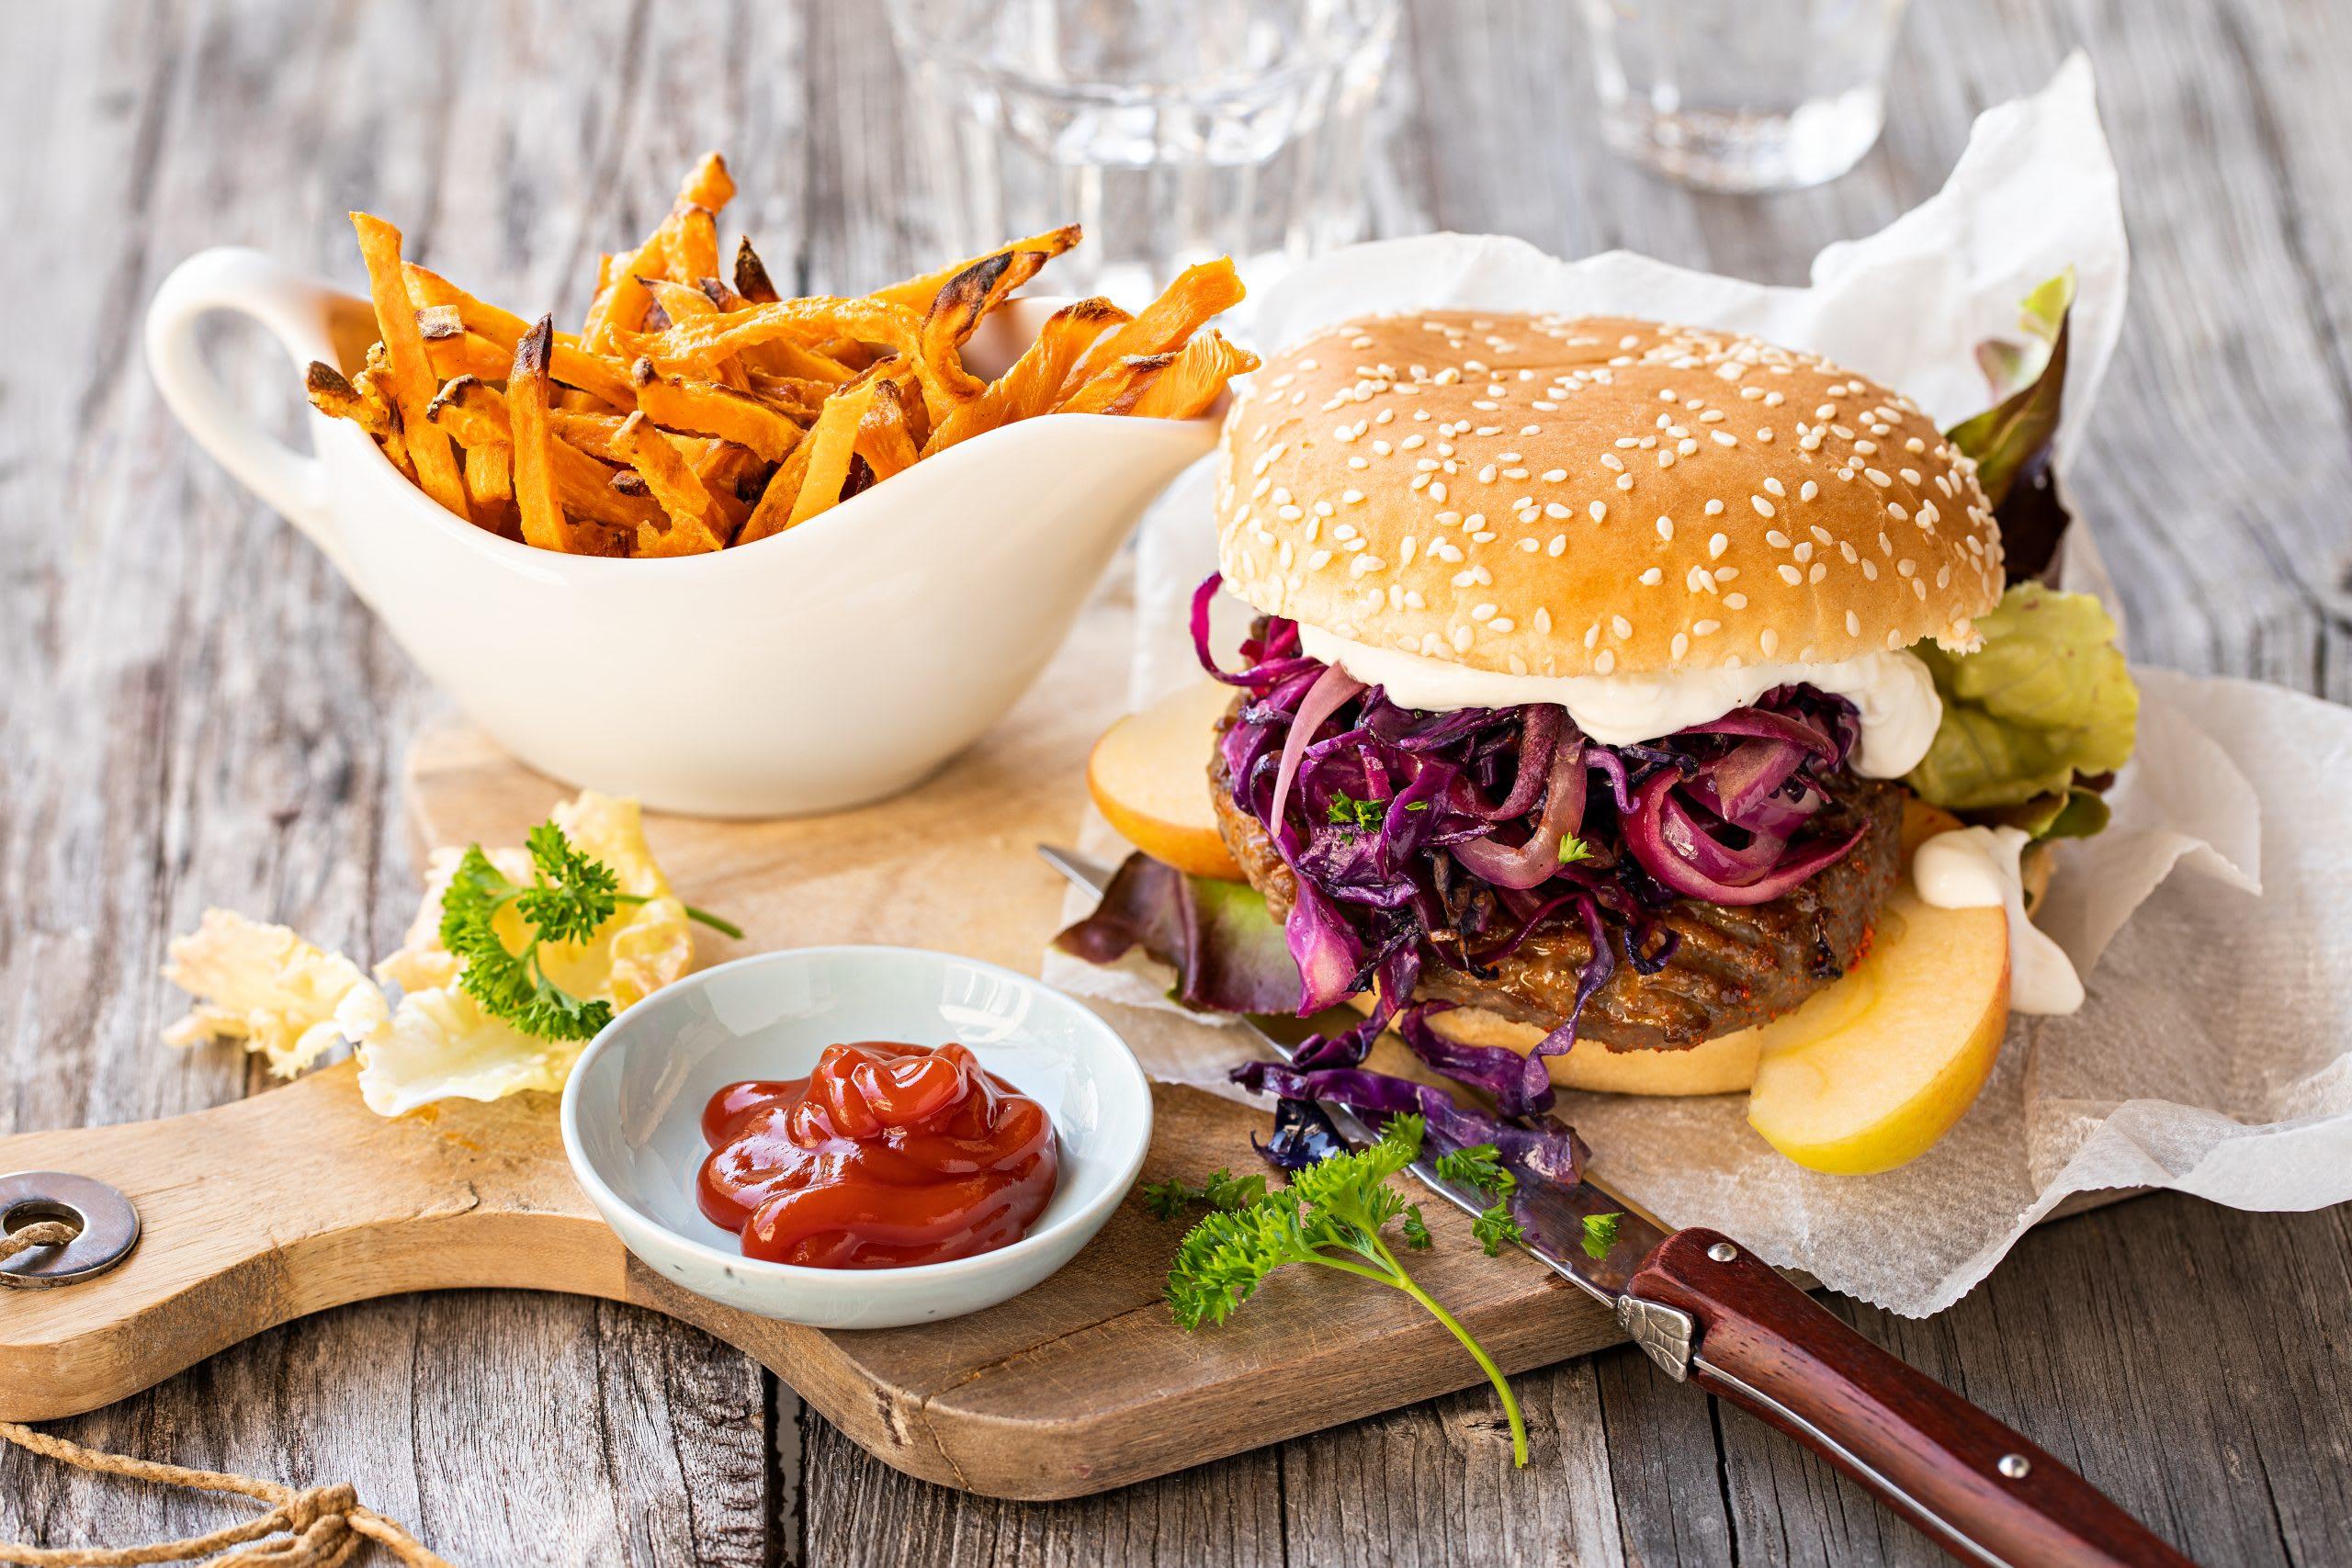 Burger au chou rouge et frites de patates douces